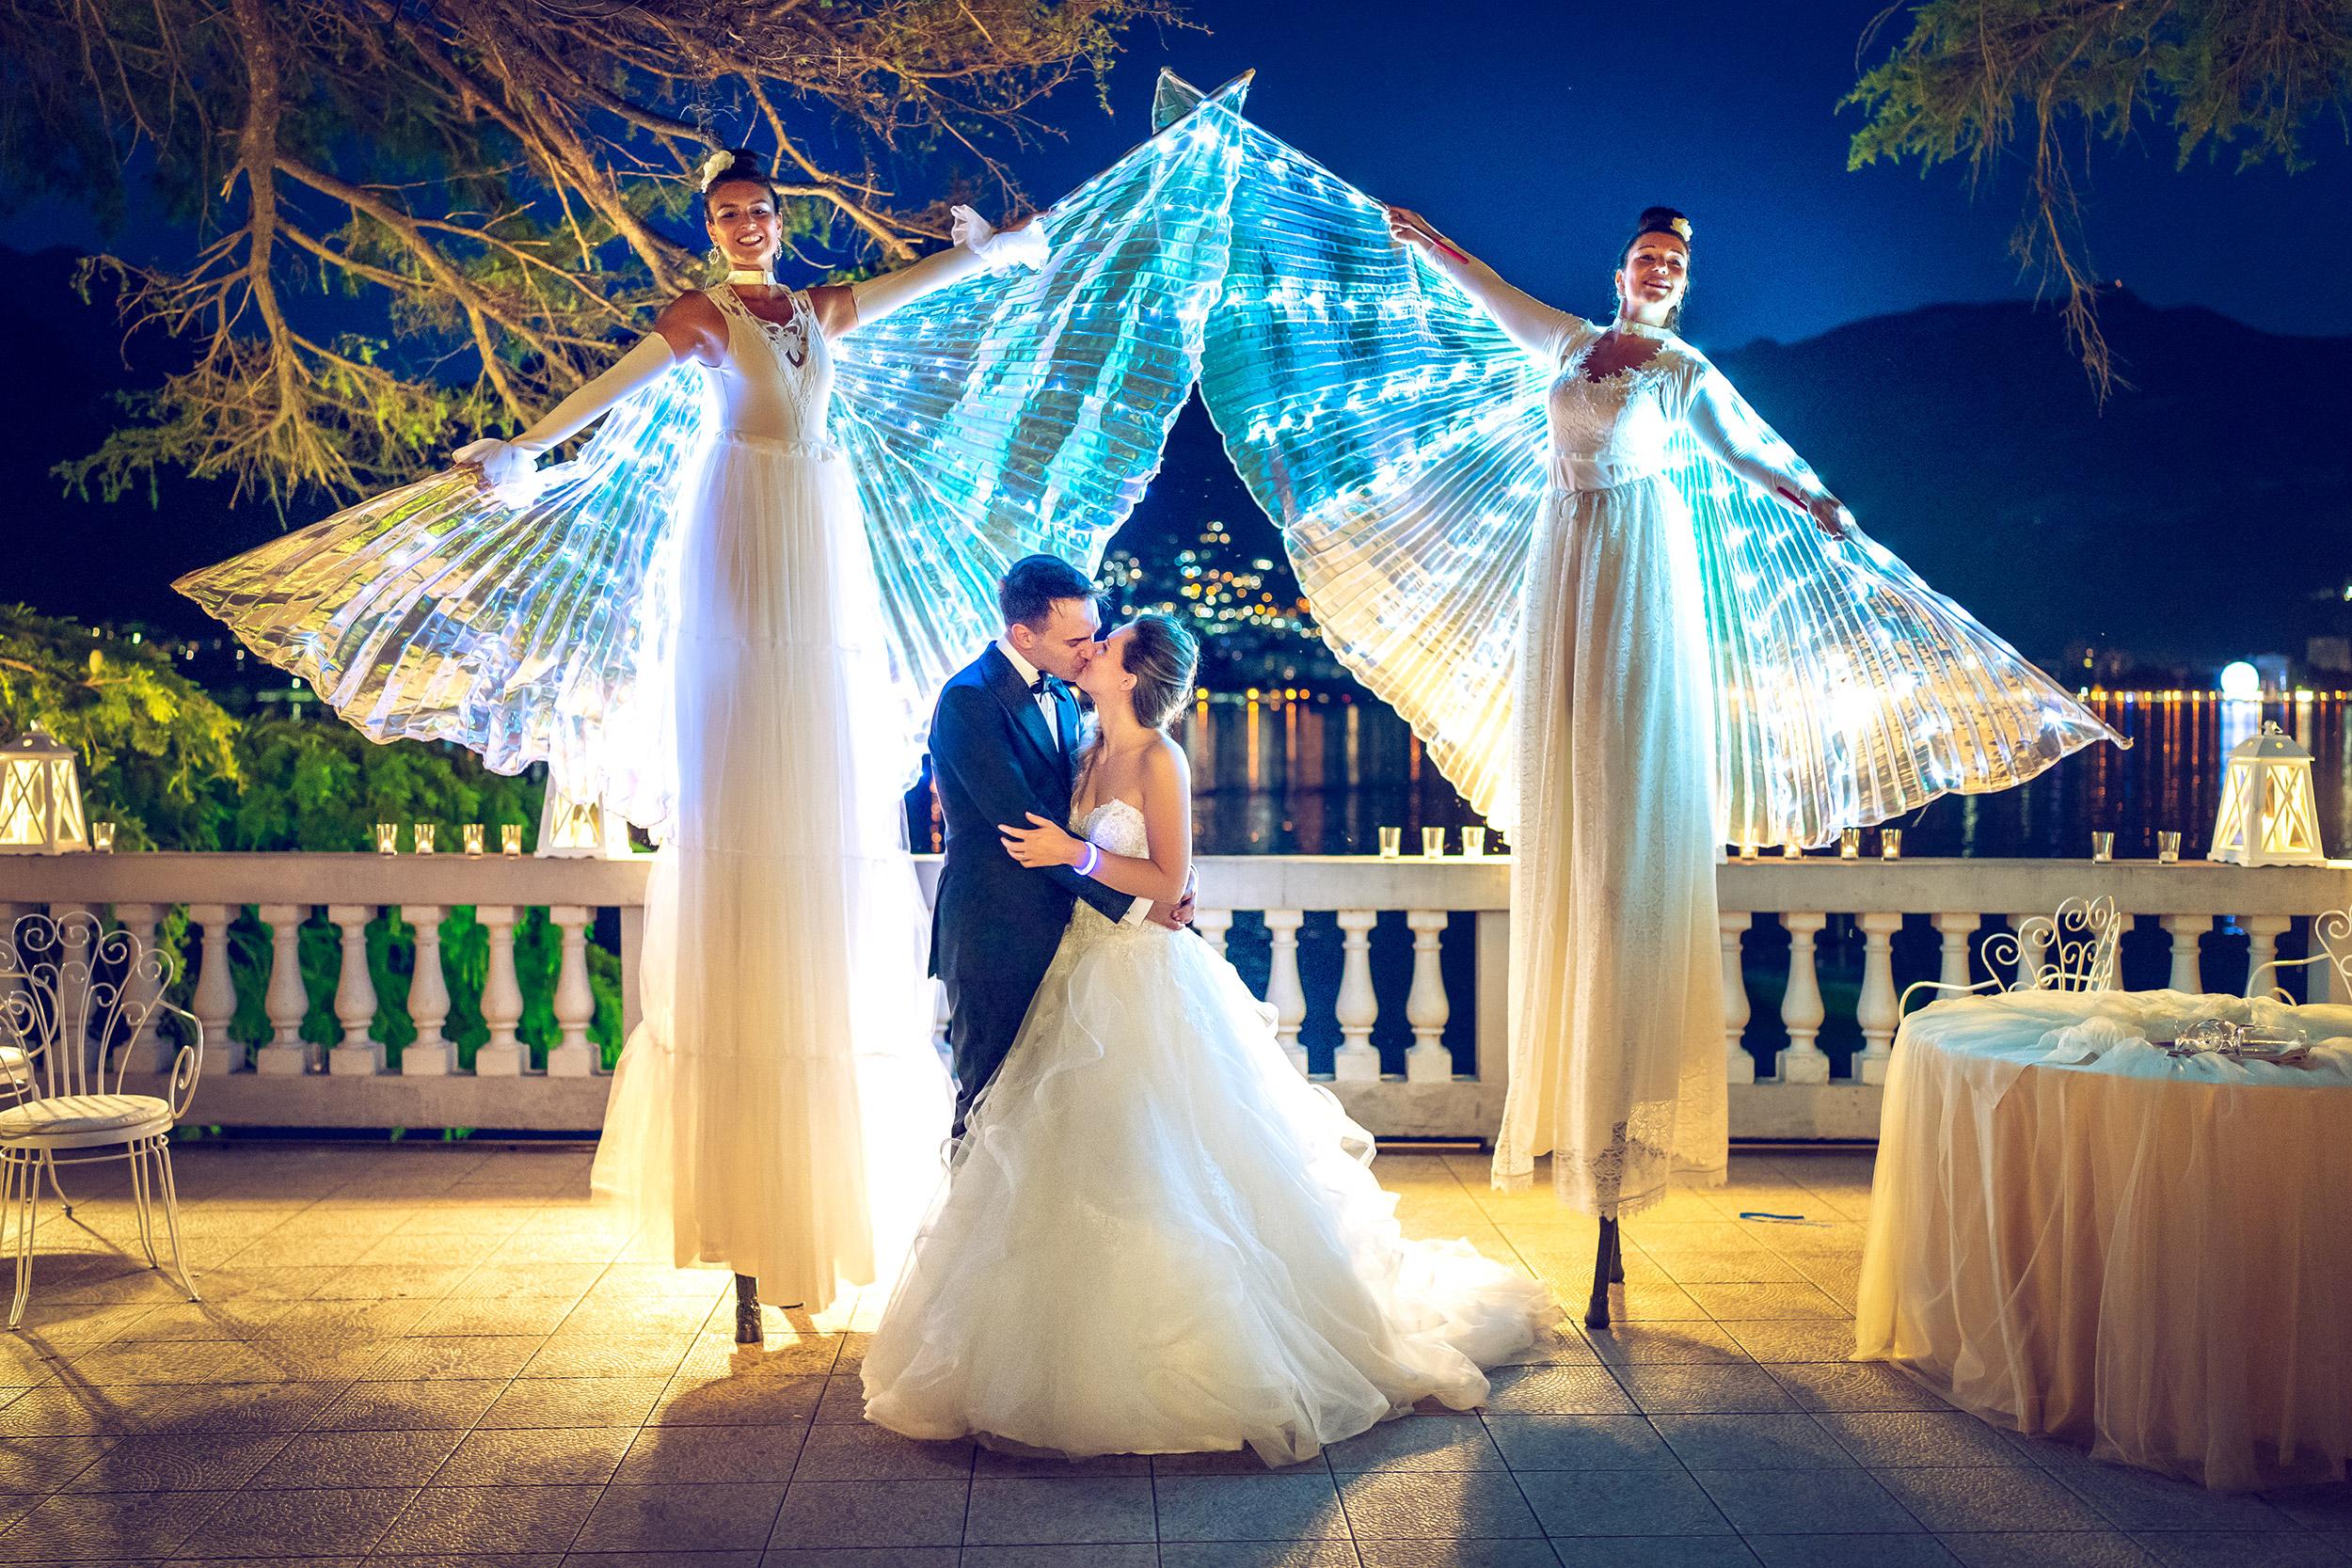 000 fotografo matrimonio reportage wedding sposi villa giulia valmadrera lecco lago como 1